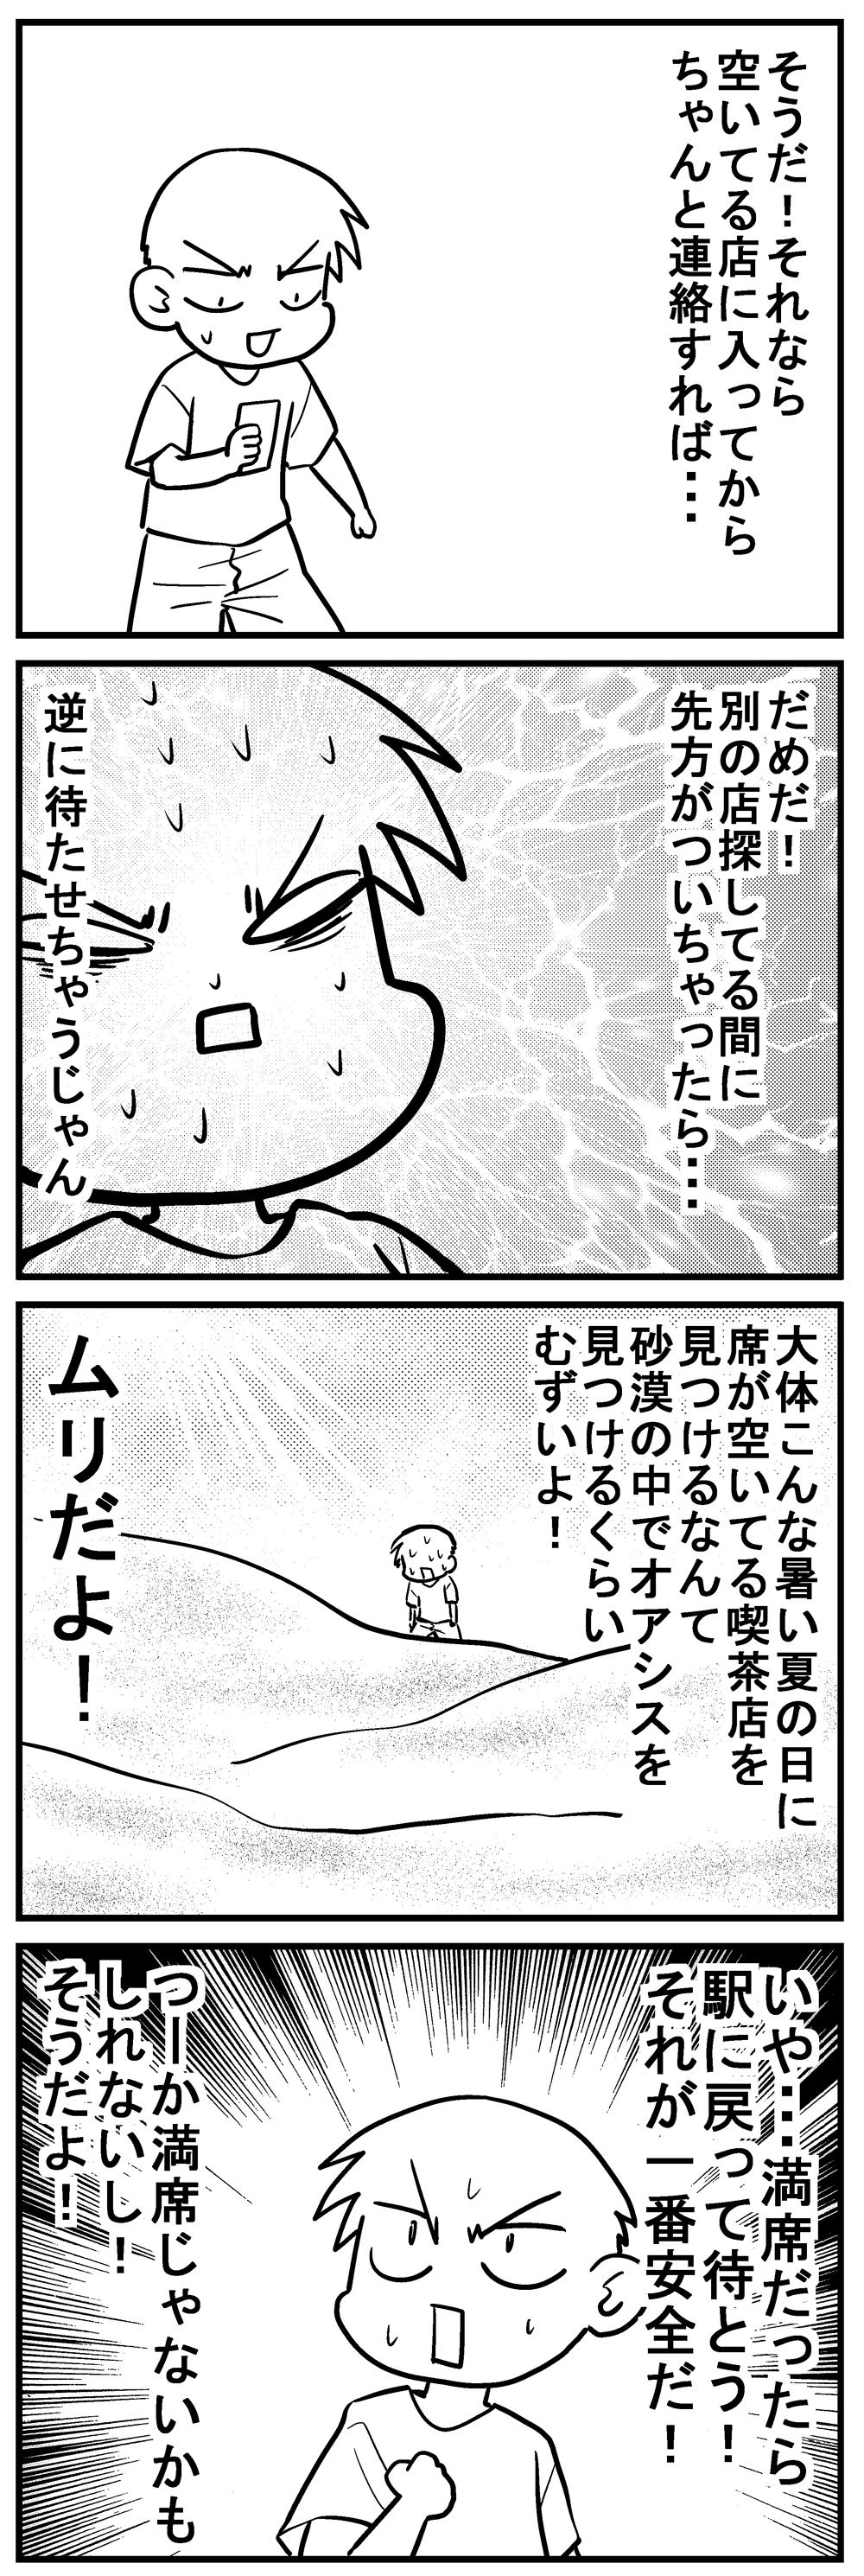 深読みくん69-3